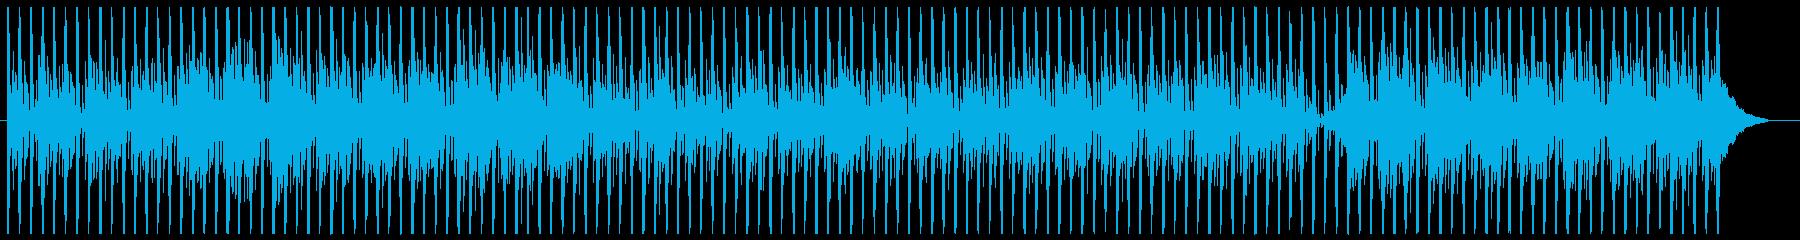 シンプルなテクノ4の再生済みの波形